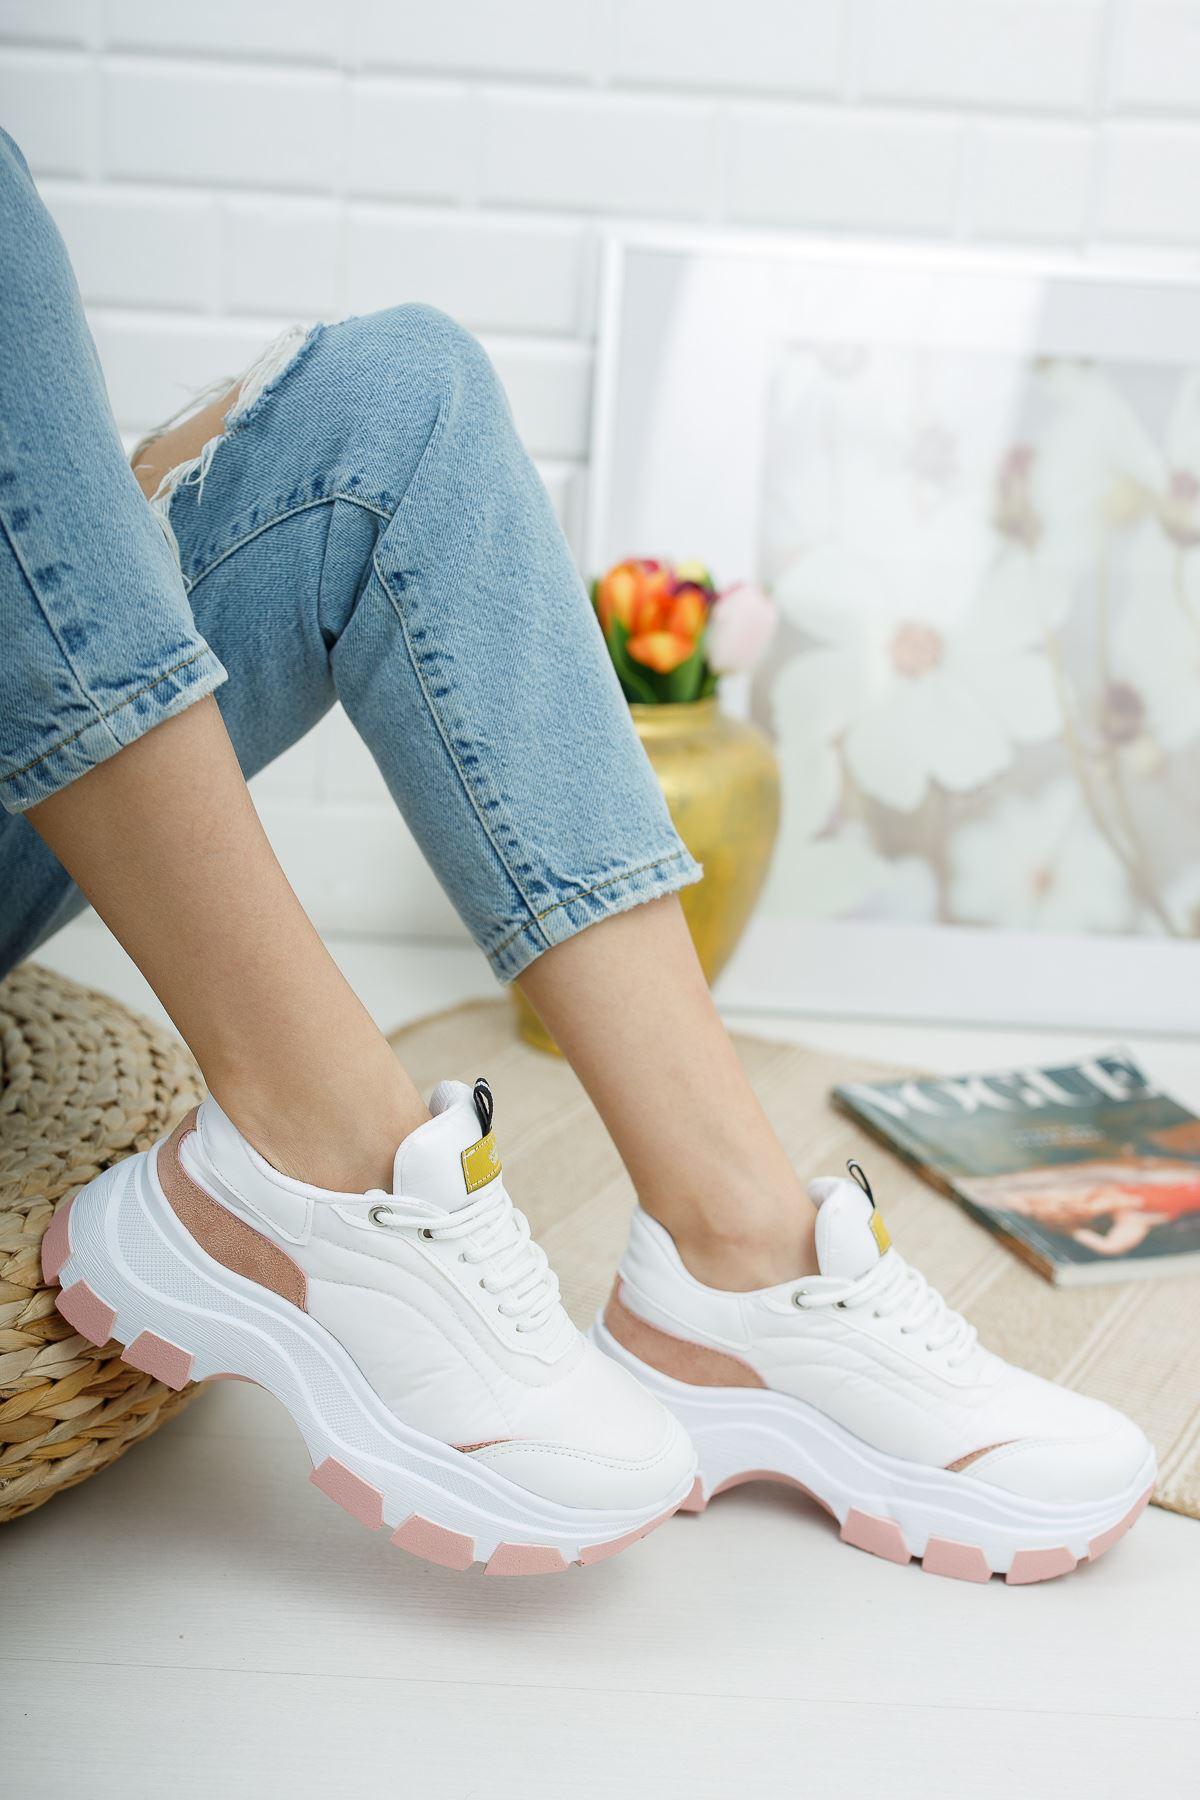 Aria Beyaz Pudra Kadın Spor Ayakkabı